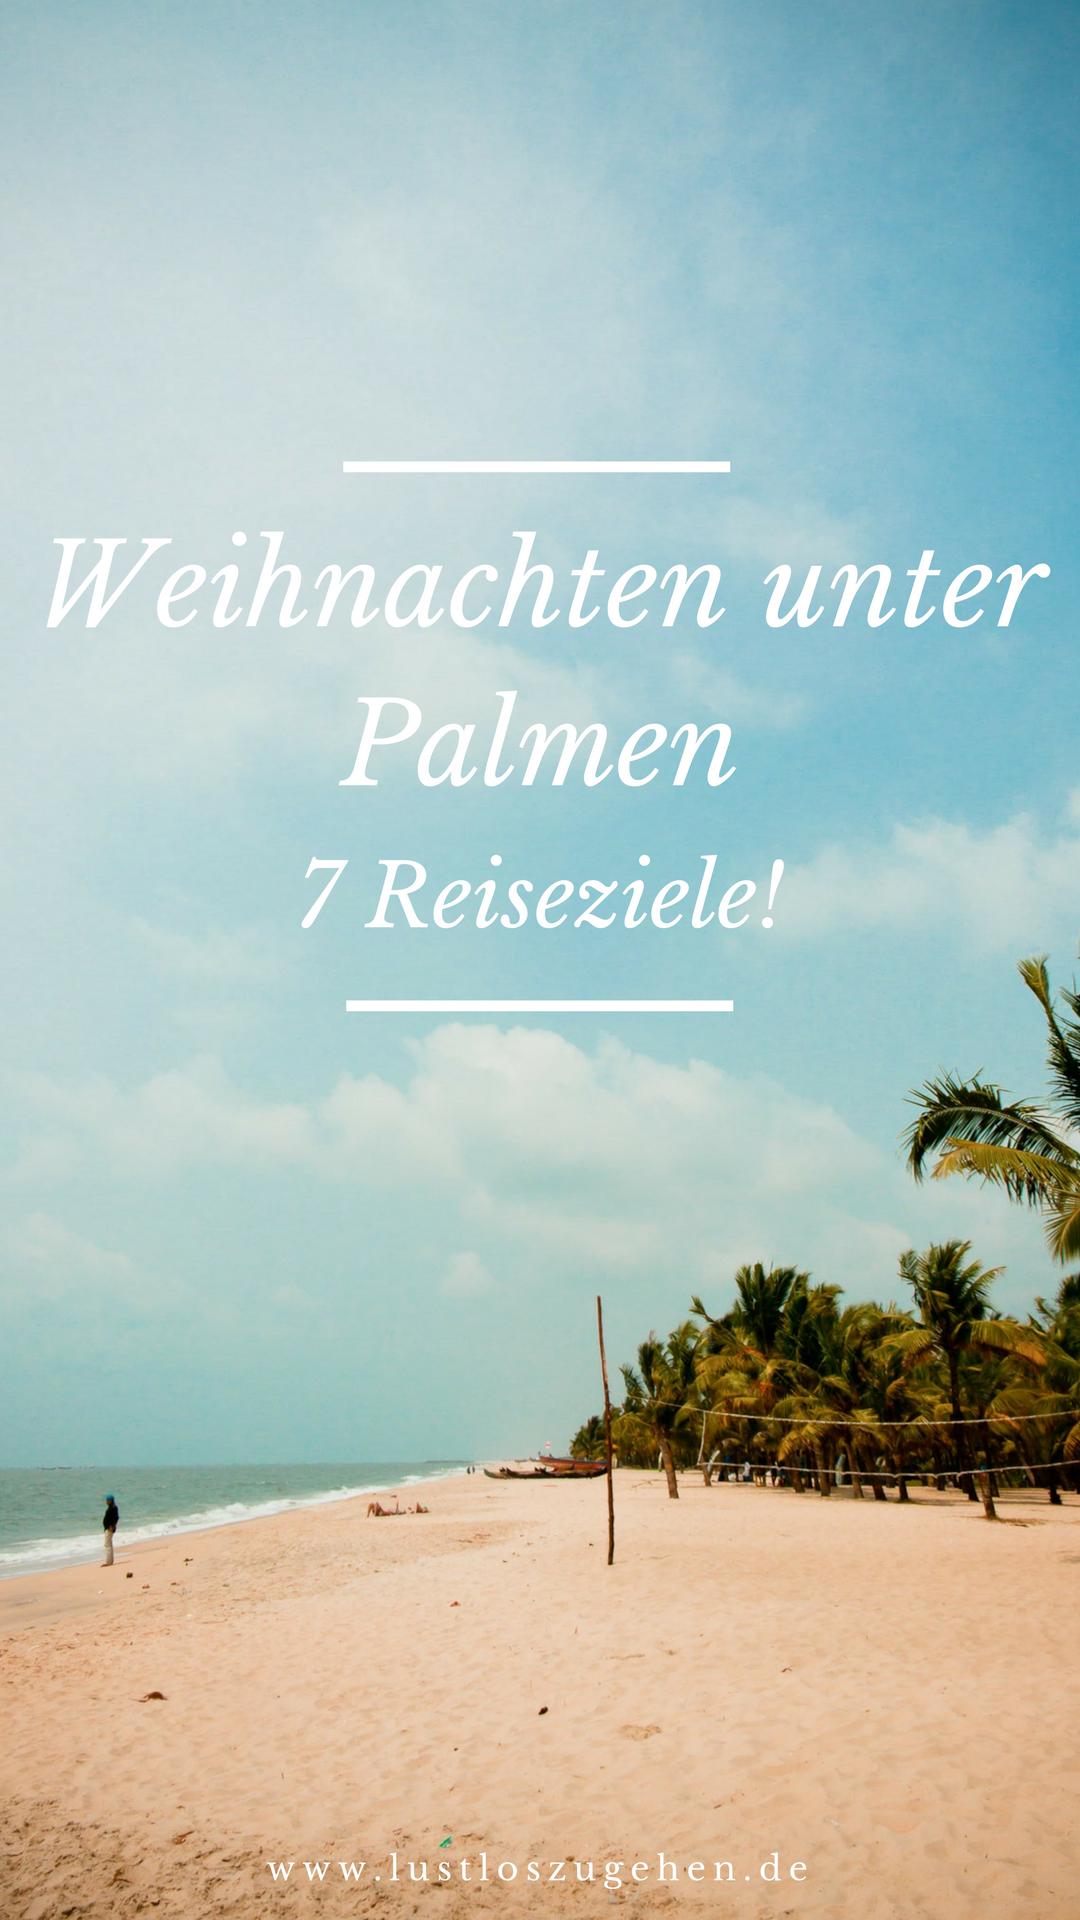 Weihnachten Urlaub 2019.Weihnachten Unter Palmen 7 Reiseziele Reisetipps 2019